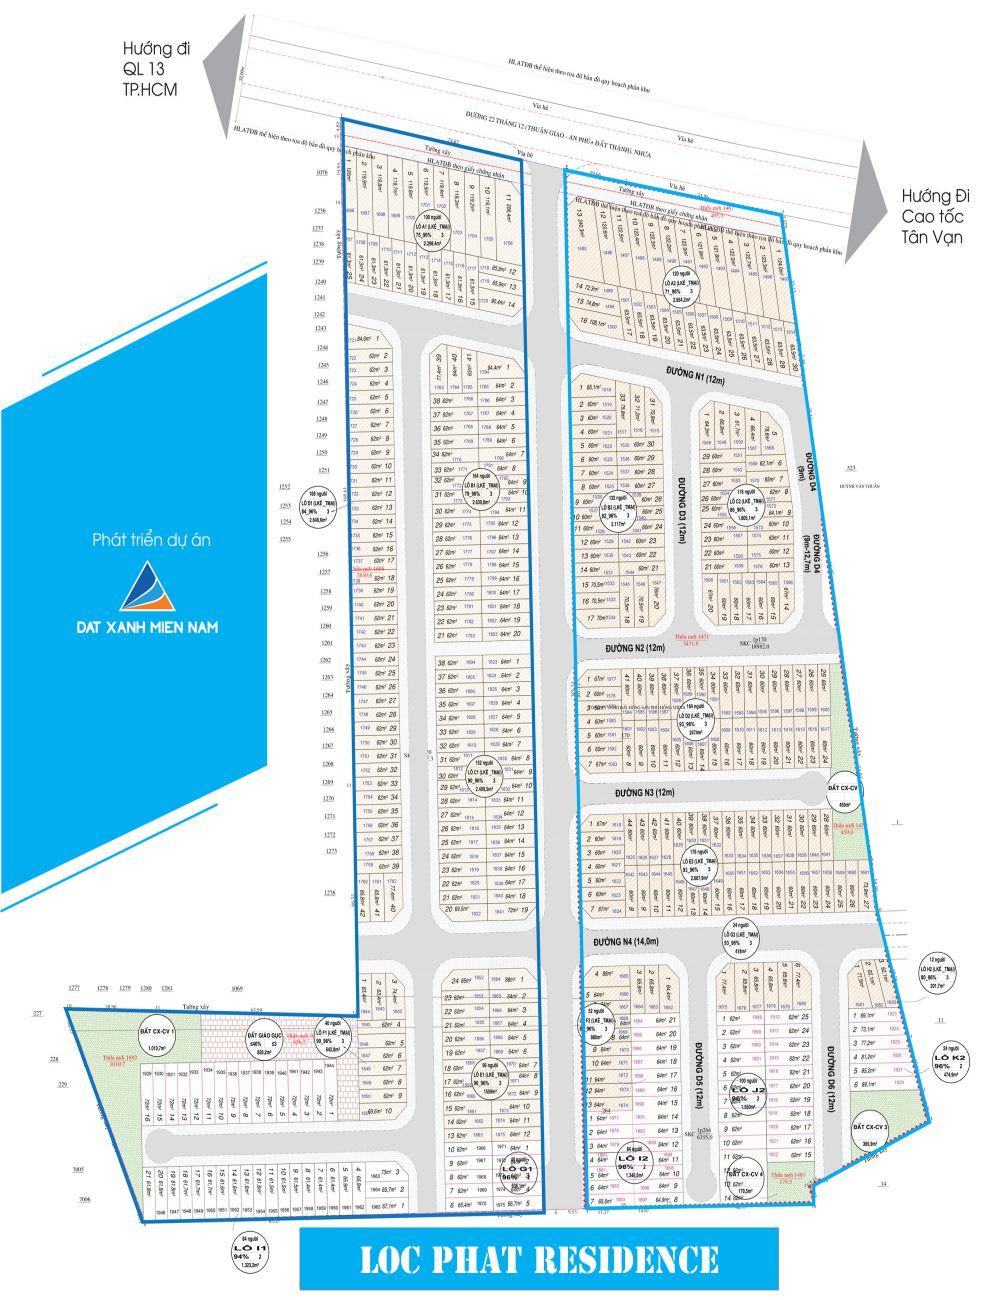 phong kinh doanh dat xanh loc phat residence mat bang